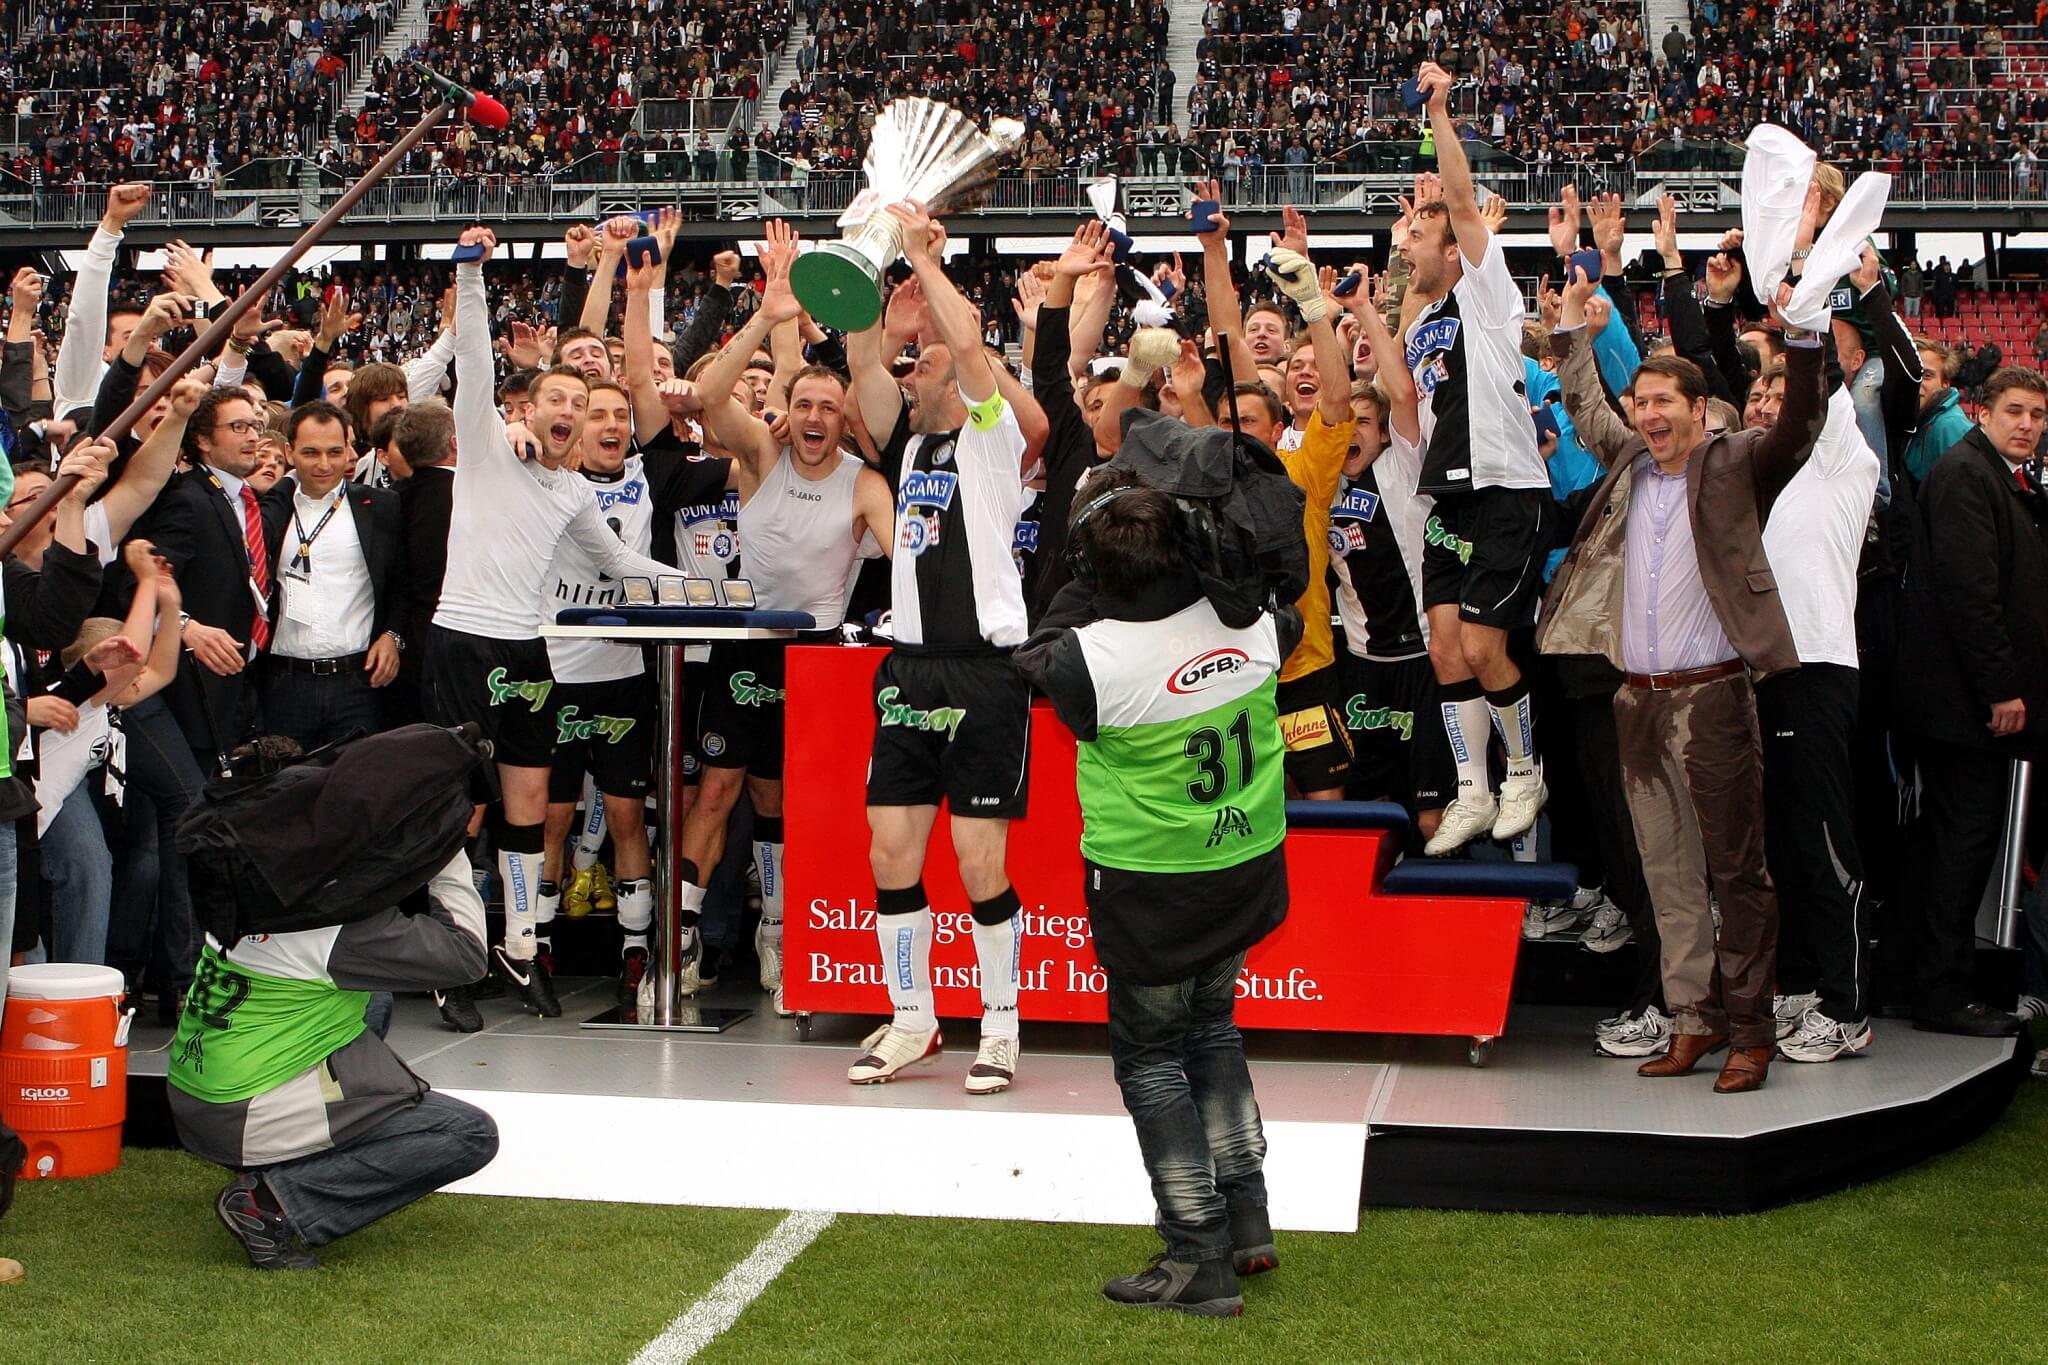 cupsieg 2010